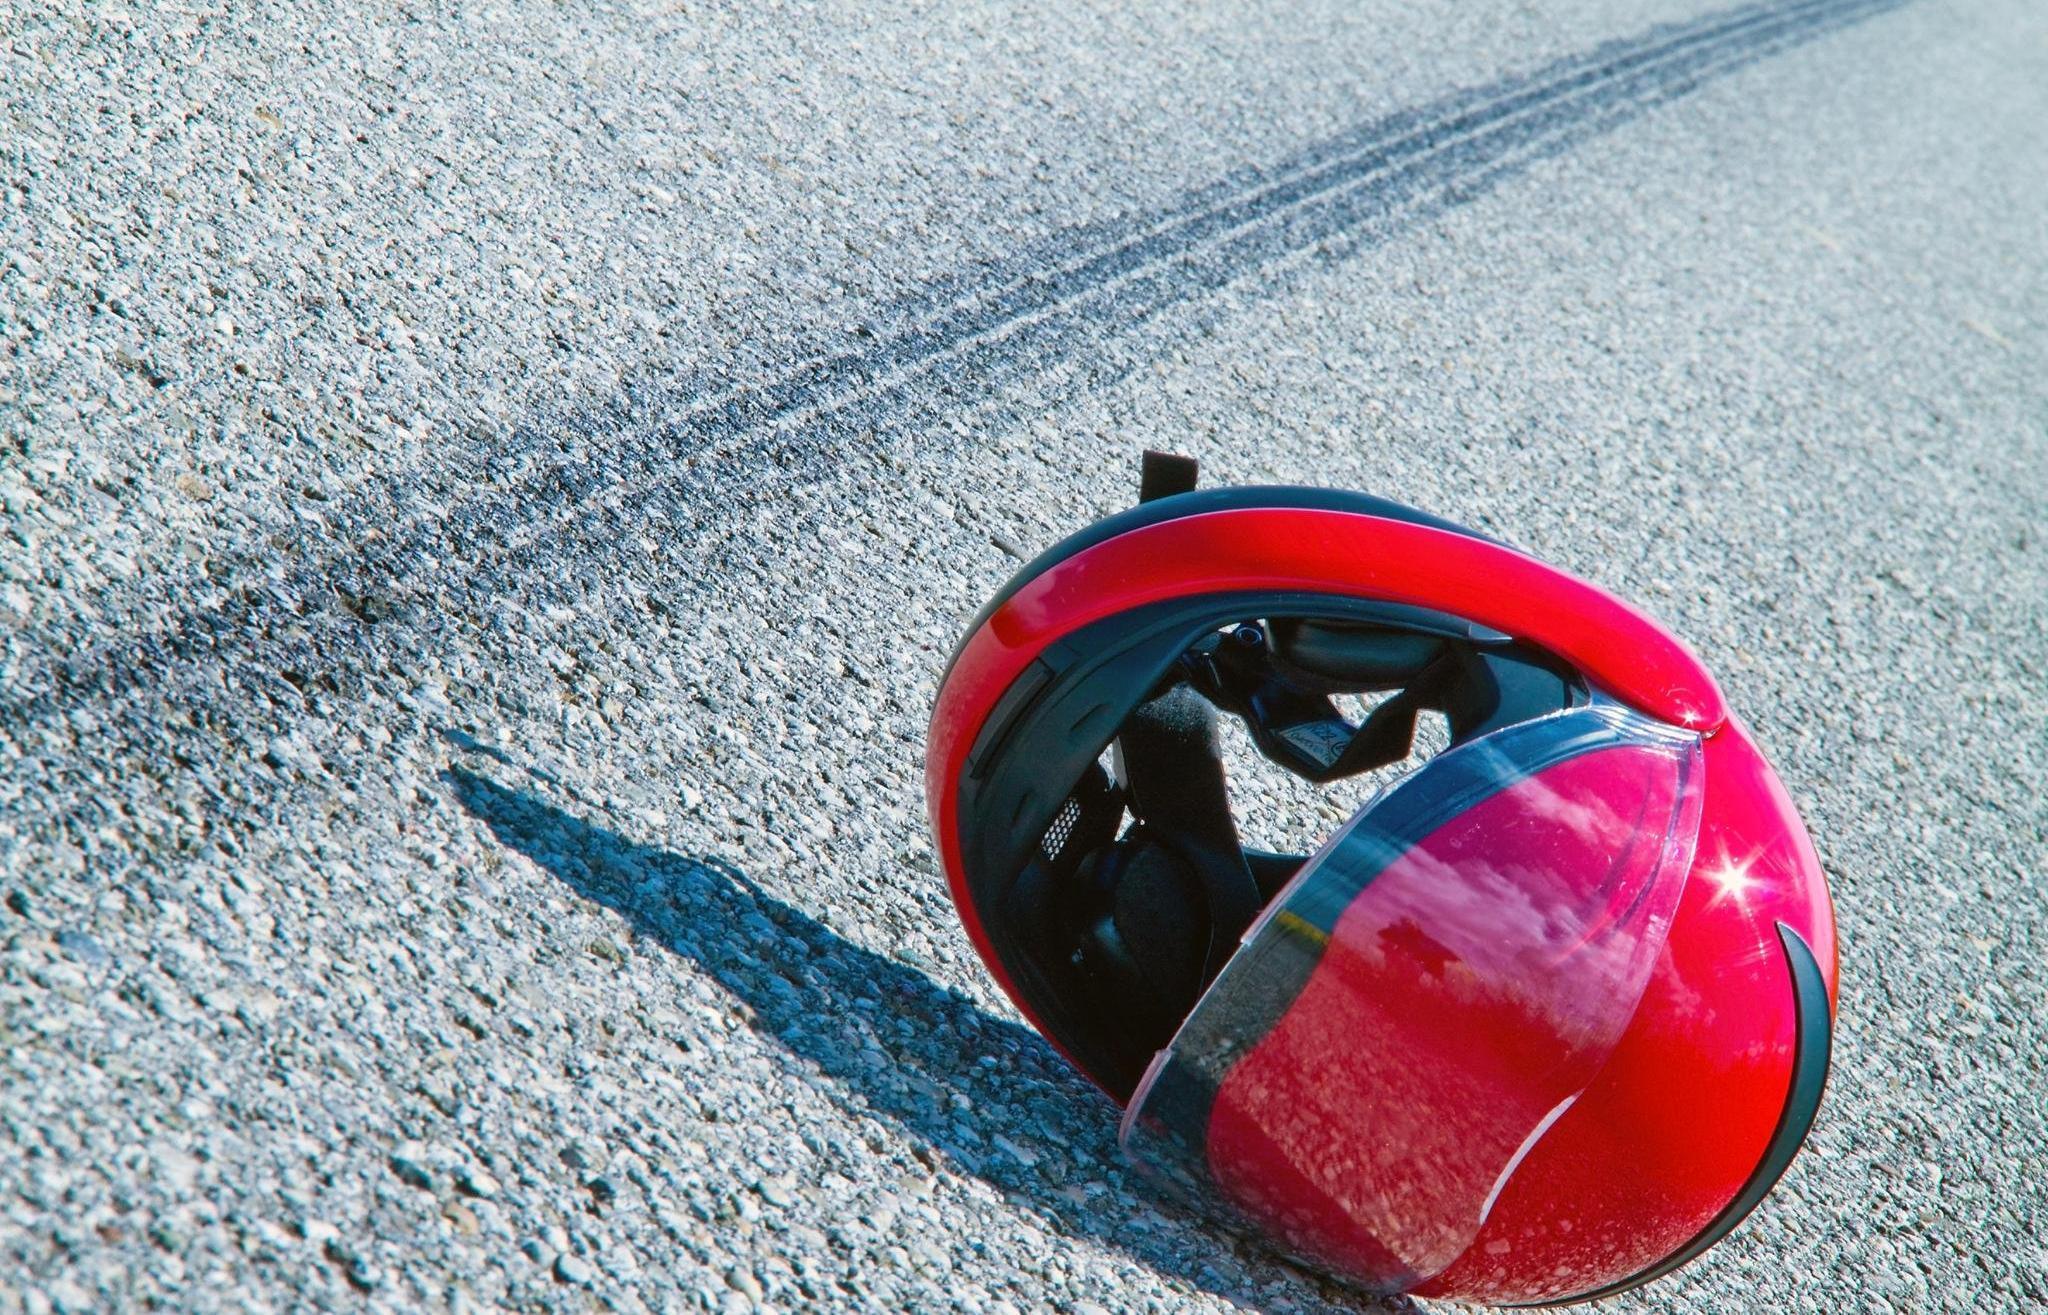 В Тверской области травмы получил водитель опрокинувшегося мопеда - новости Афанасий